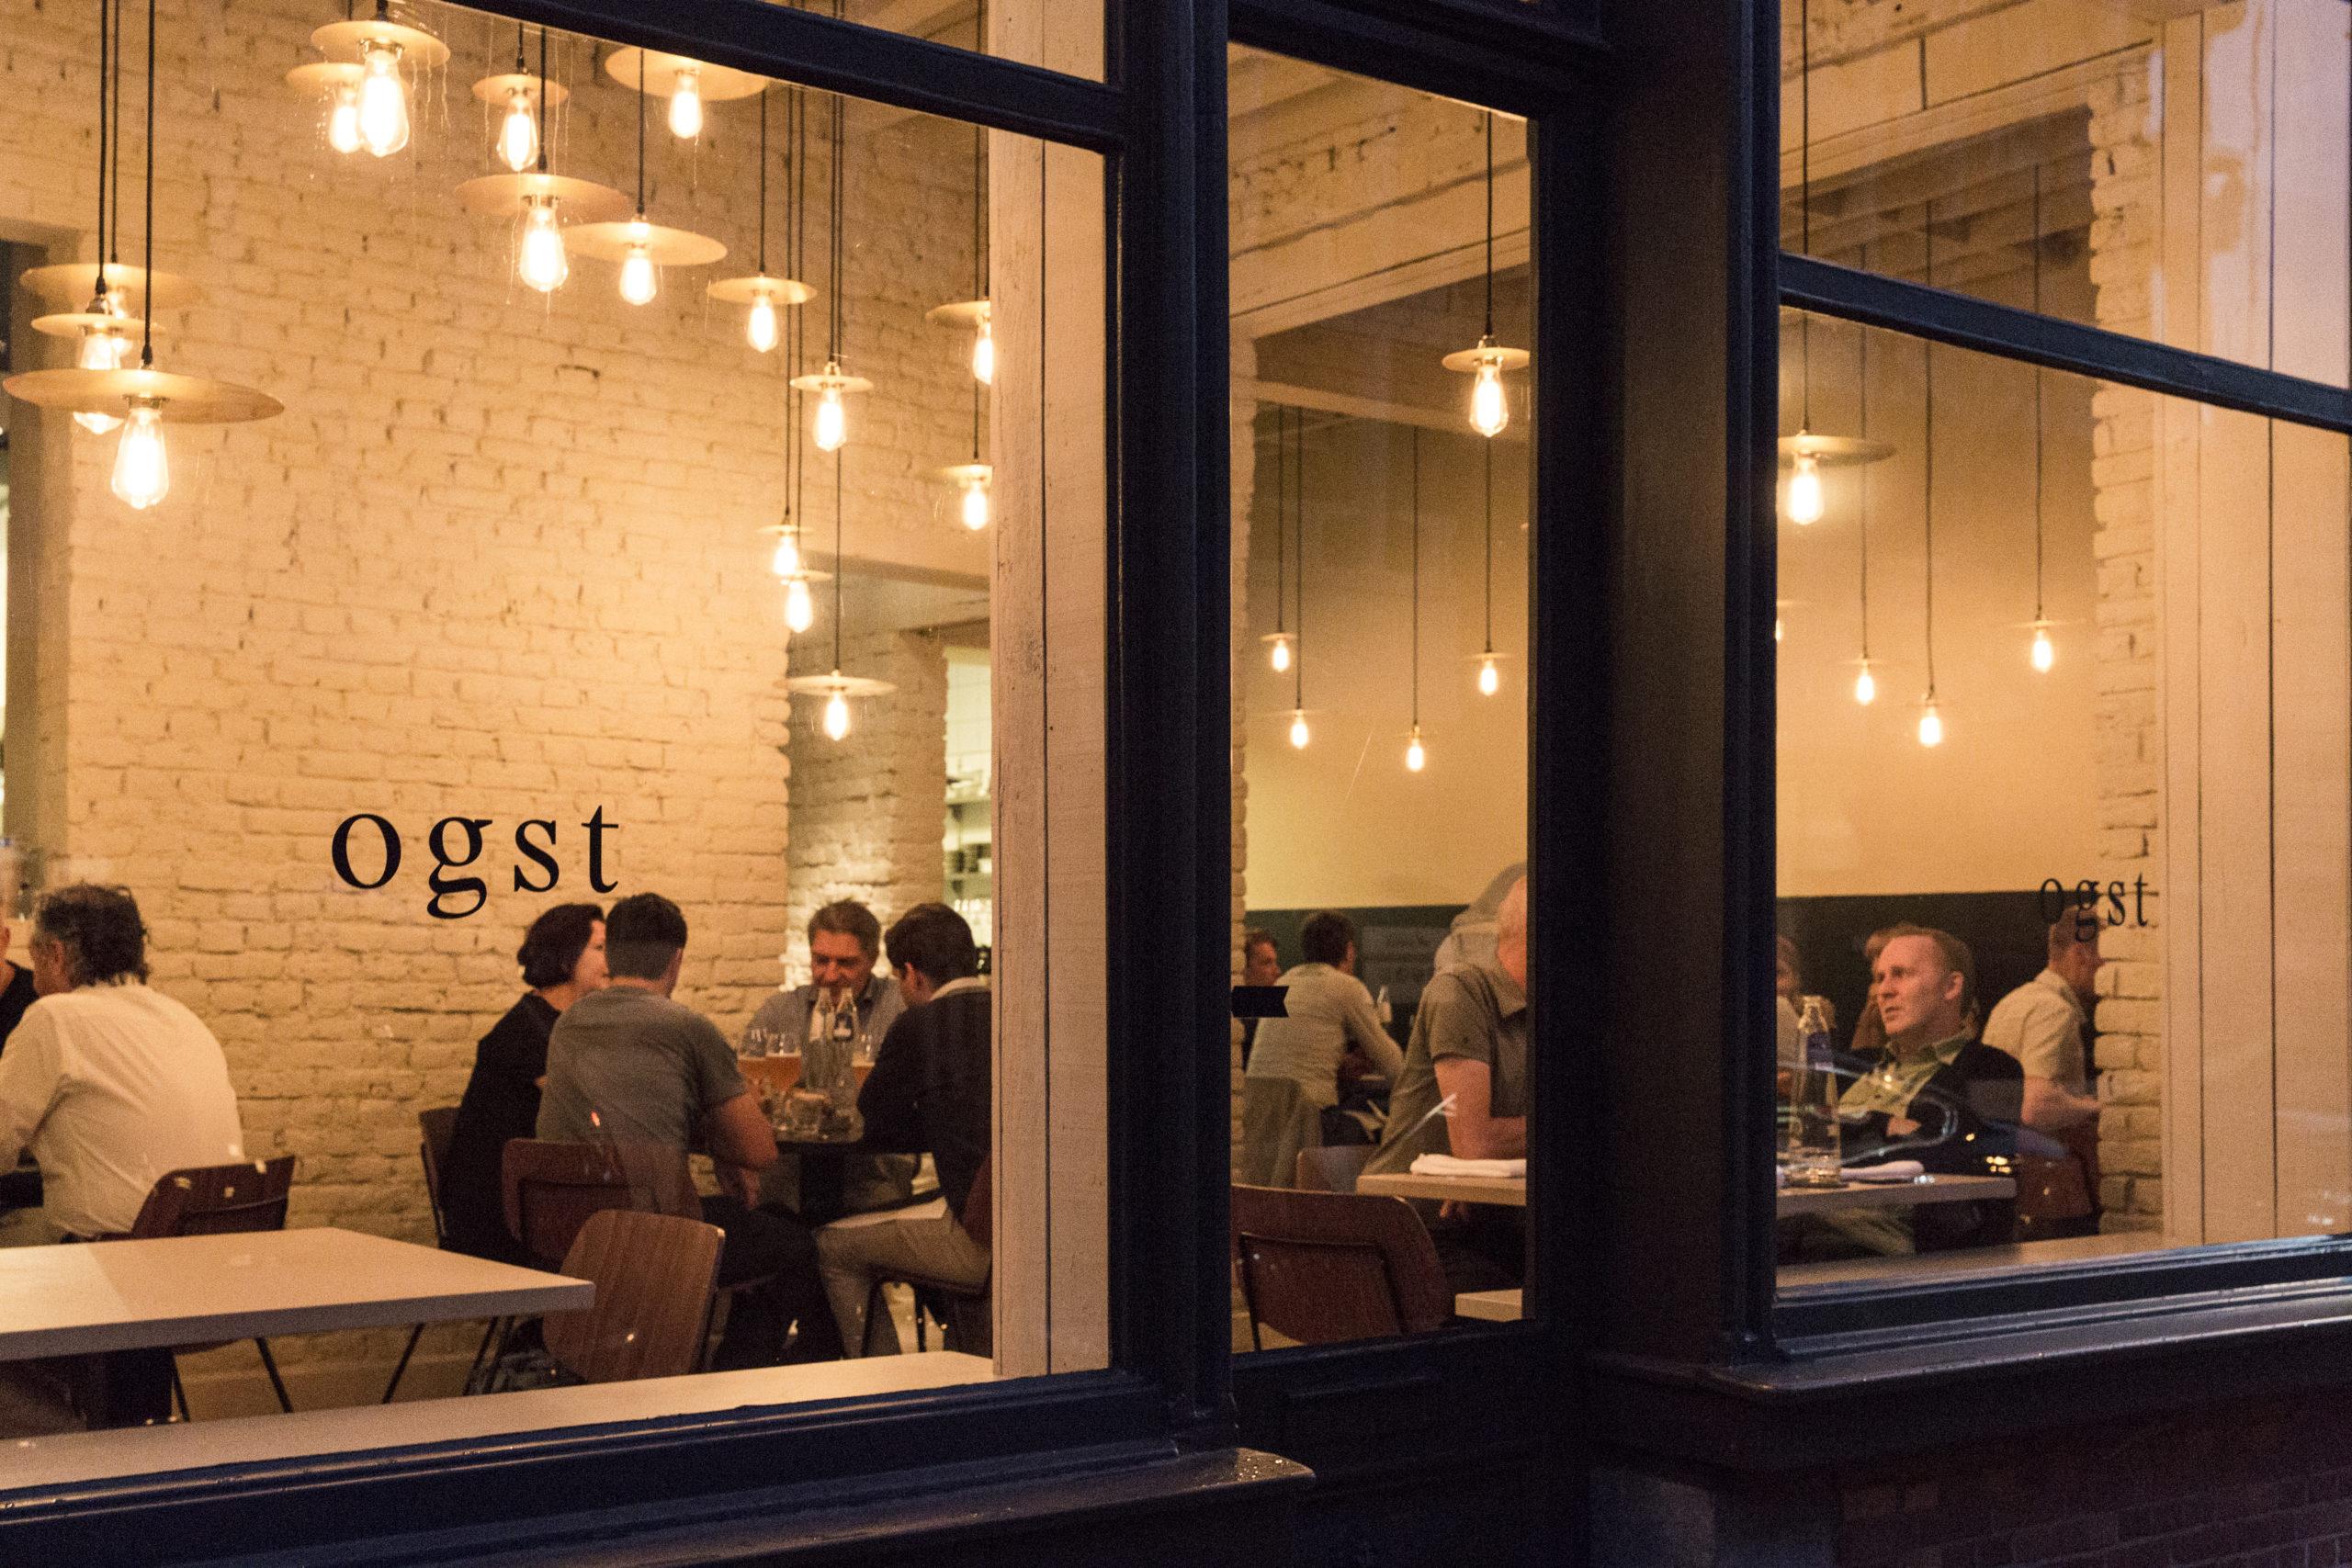 Limburgse nuchterheid bij restaurant Ogst: 'We willen mensen meenemen in ons verhaal'